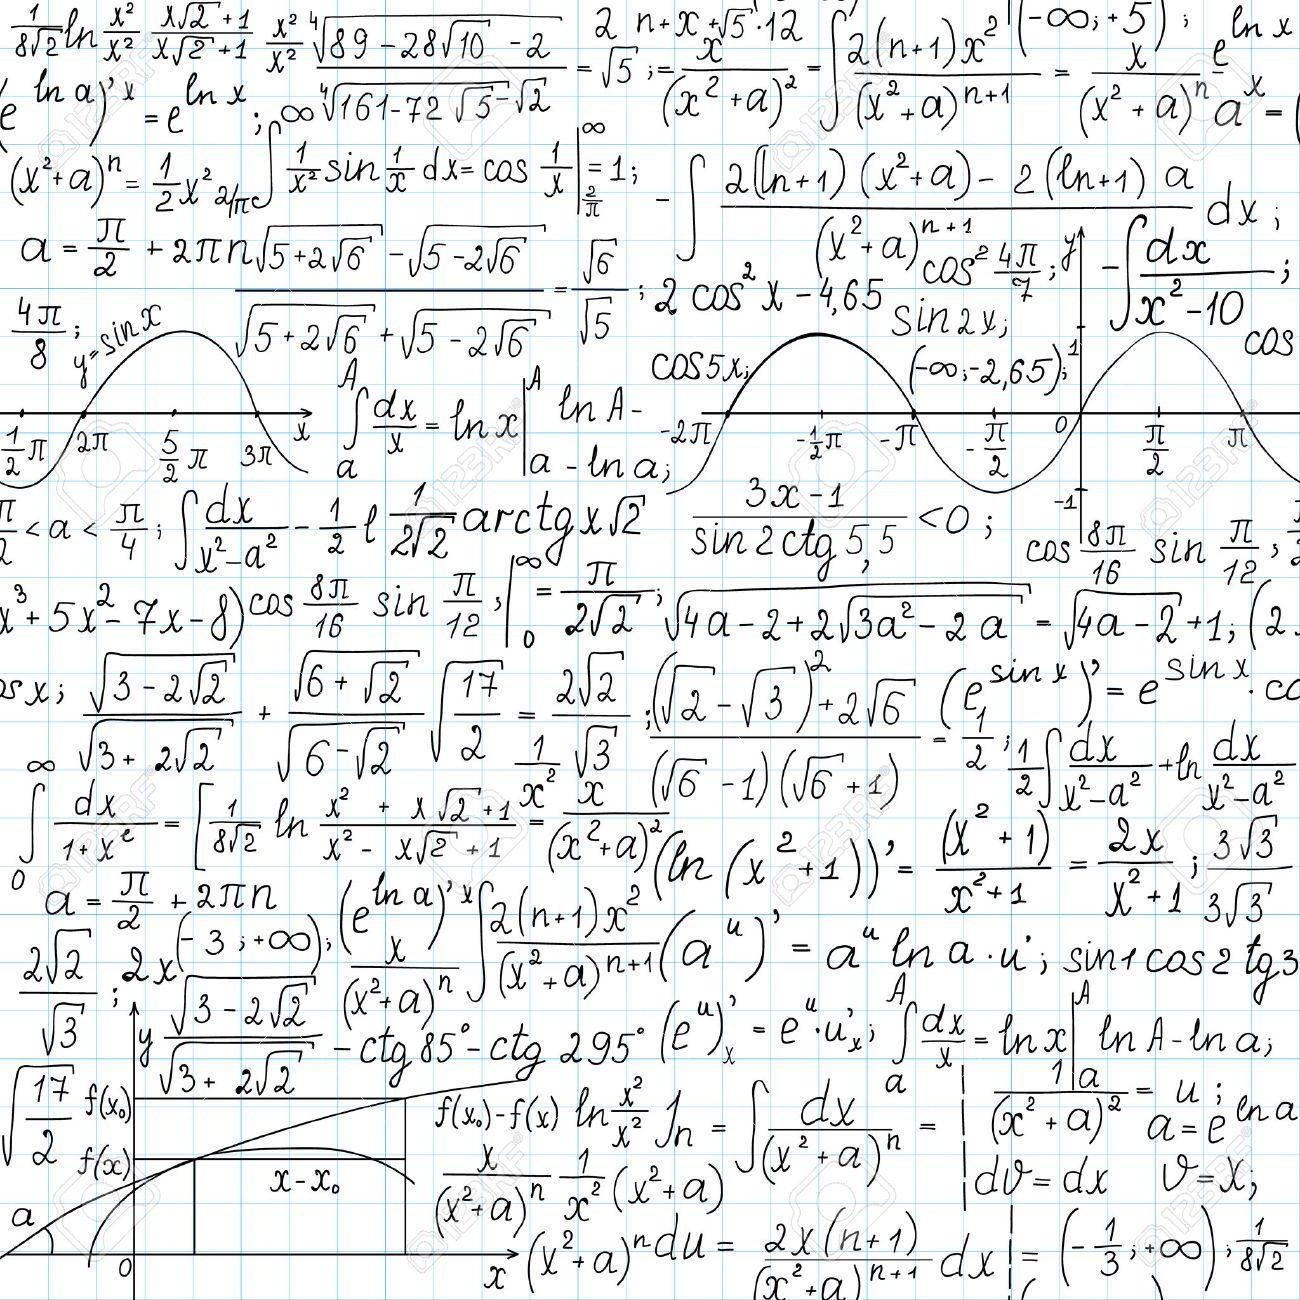 25118297Mathematicalvectorseamlesspatternhandwritten